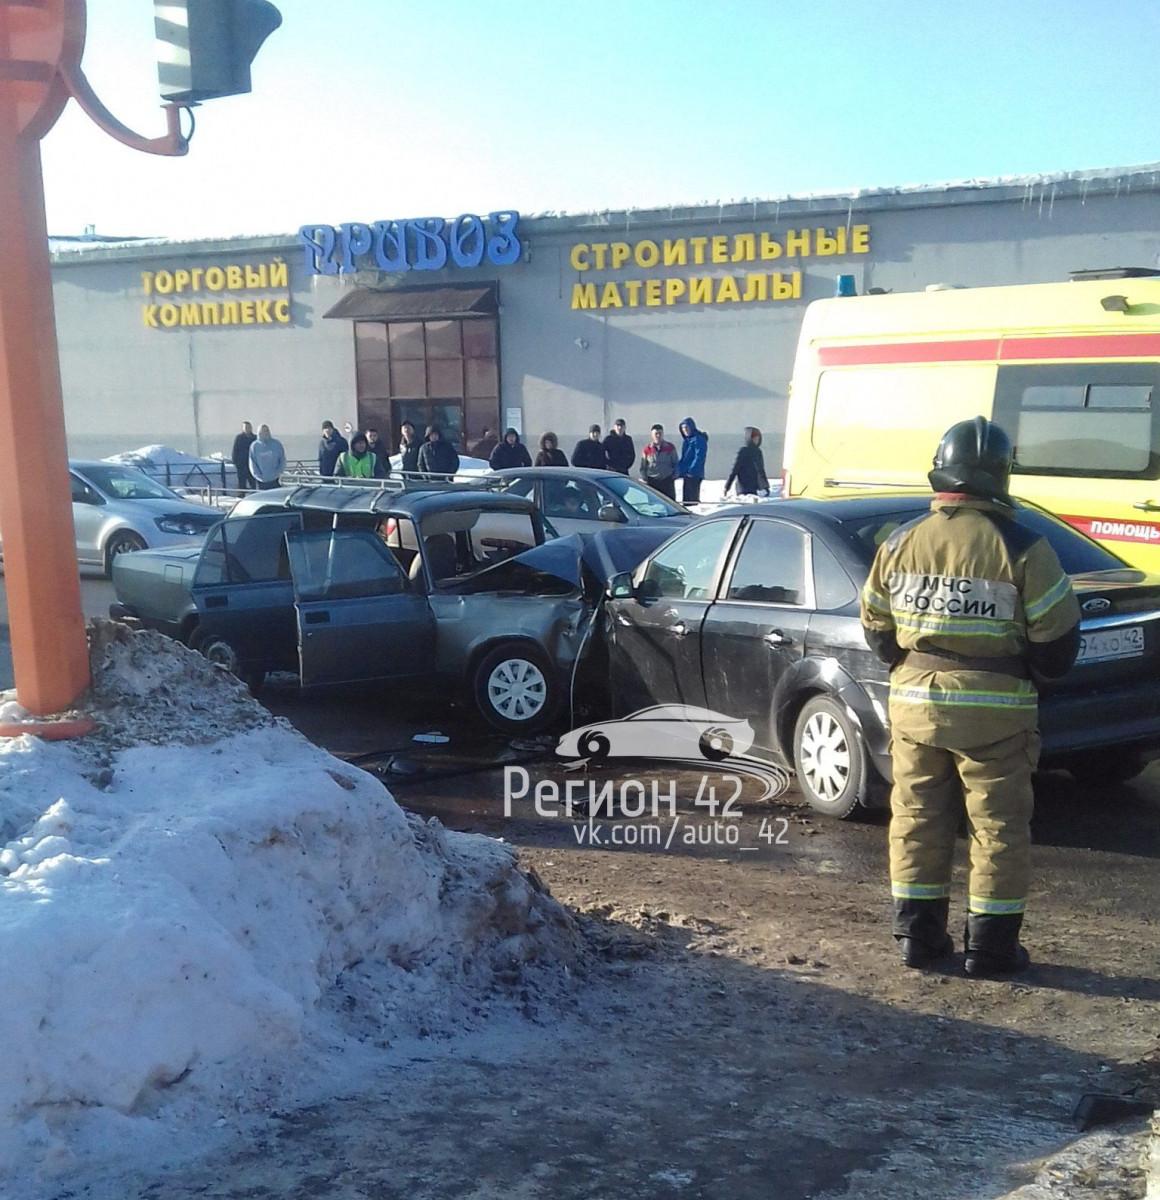 В Кузбассе в тройном ДТП погиб человек, еще трое травмированы